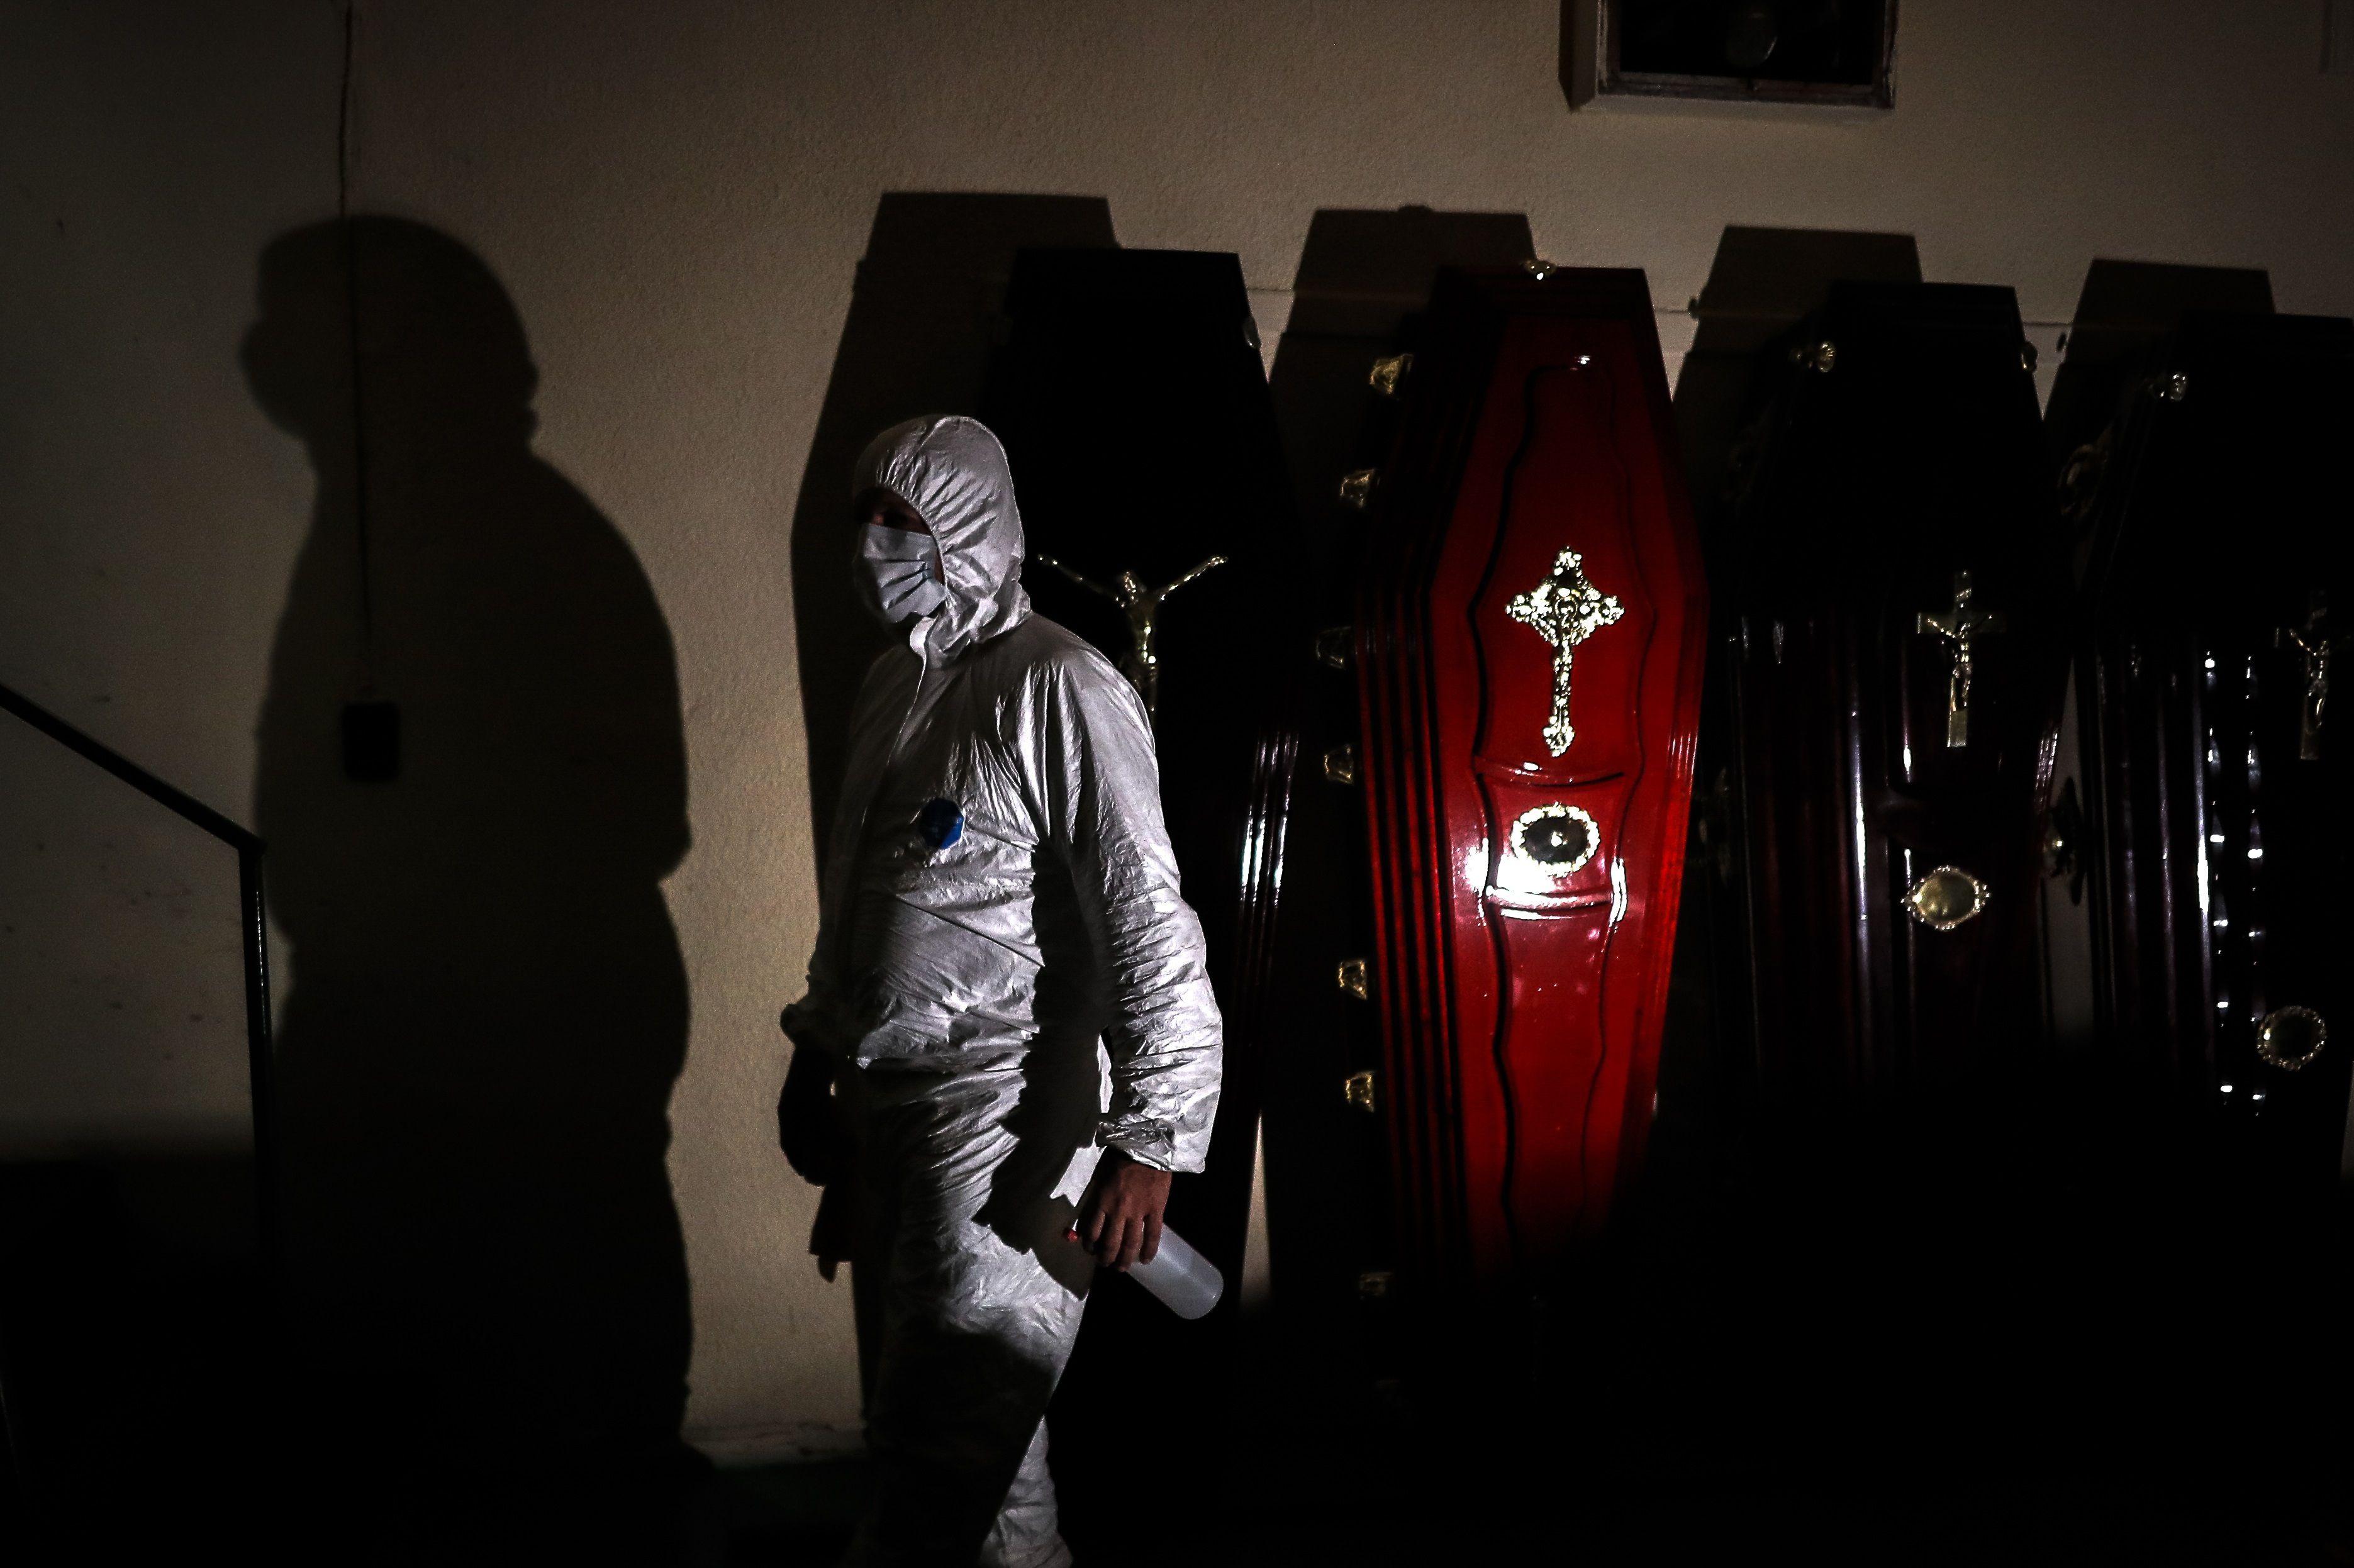 Un empleado de una funeraria sanitiza ataúdes el pasado 6 de mayo en la Ciudad de Buenos Aires, Argentina. EFE/ Juan Ignacio Roncoroni